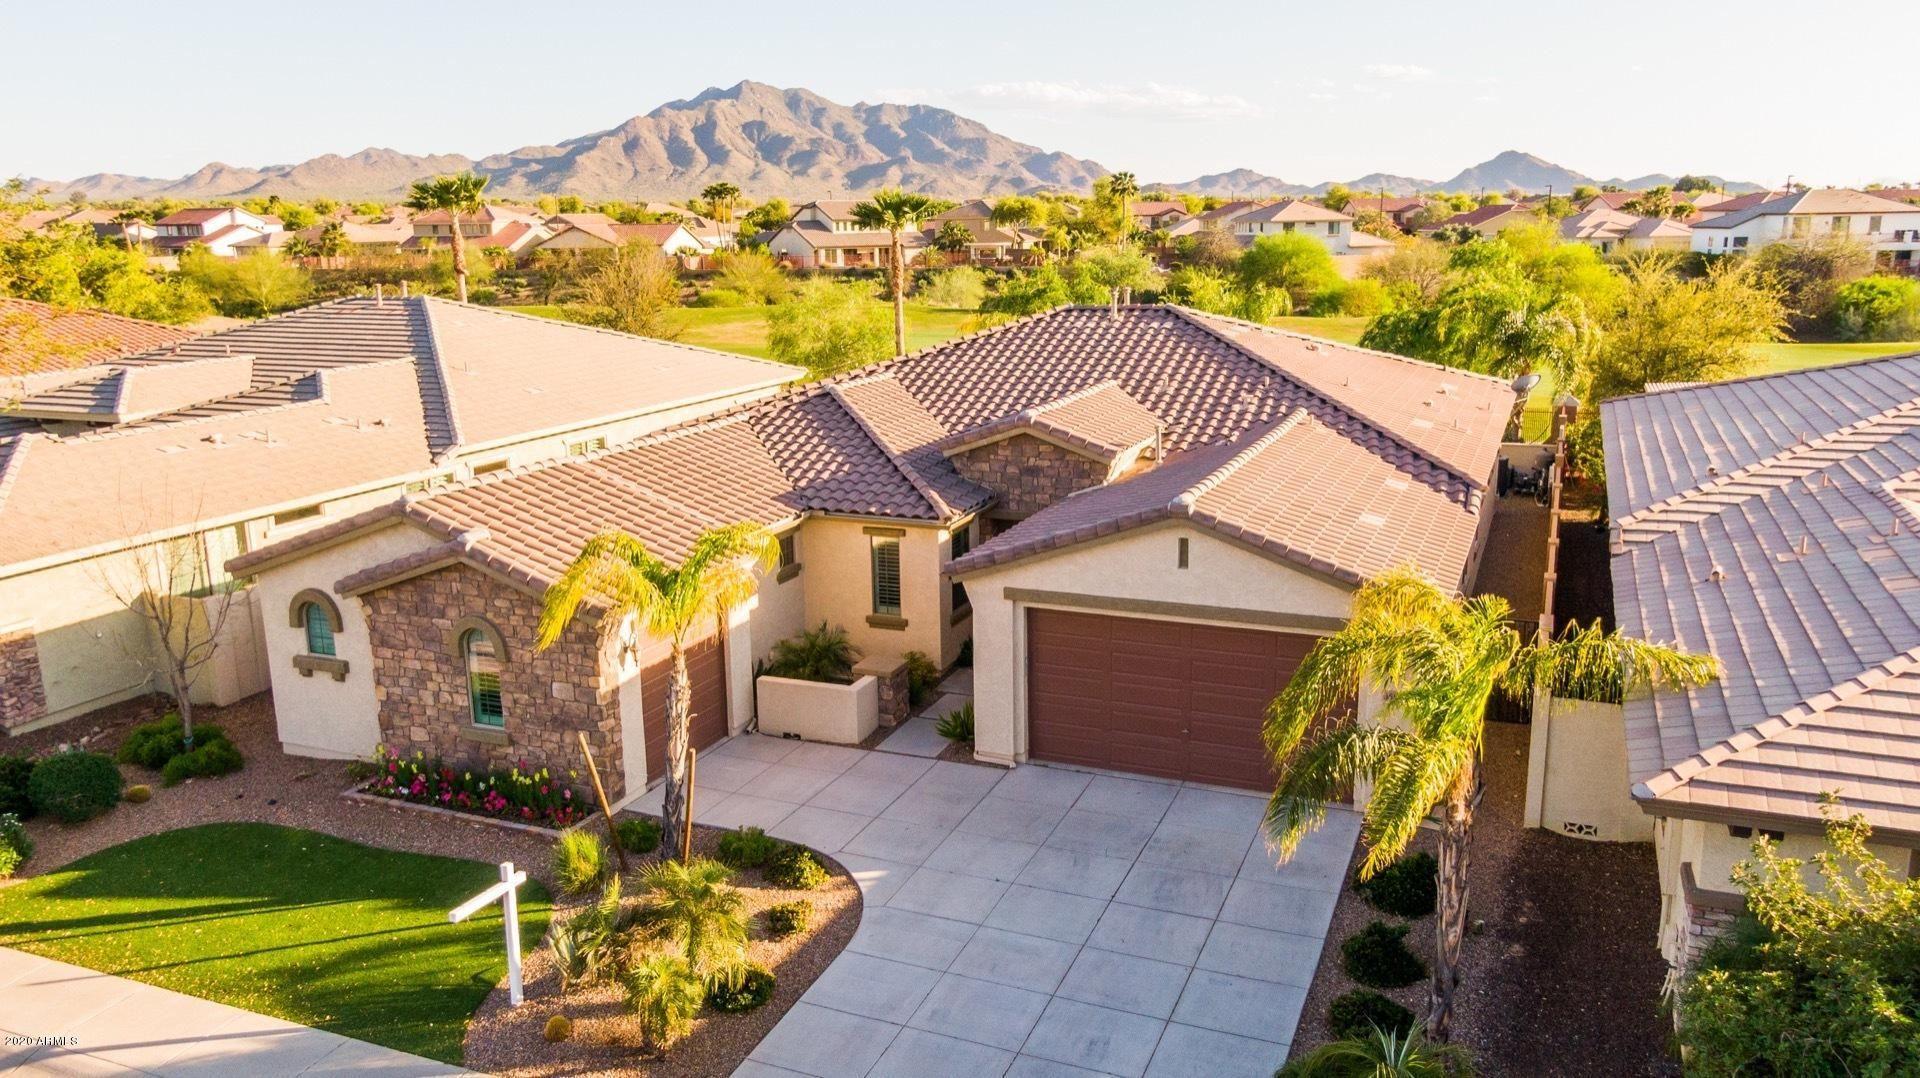 3557 E SPORTS Drive, Gilbert, AZ 85298 - #: 6061830